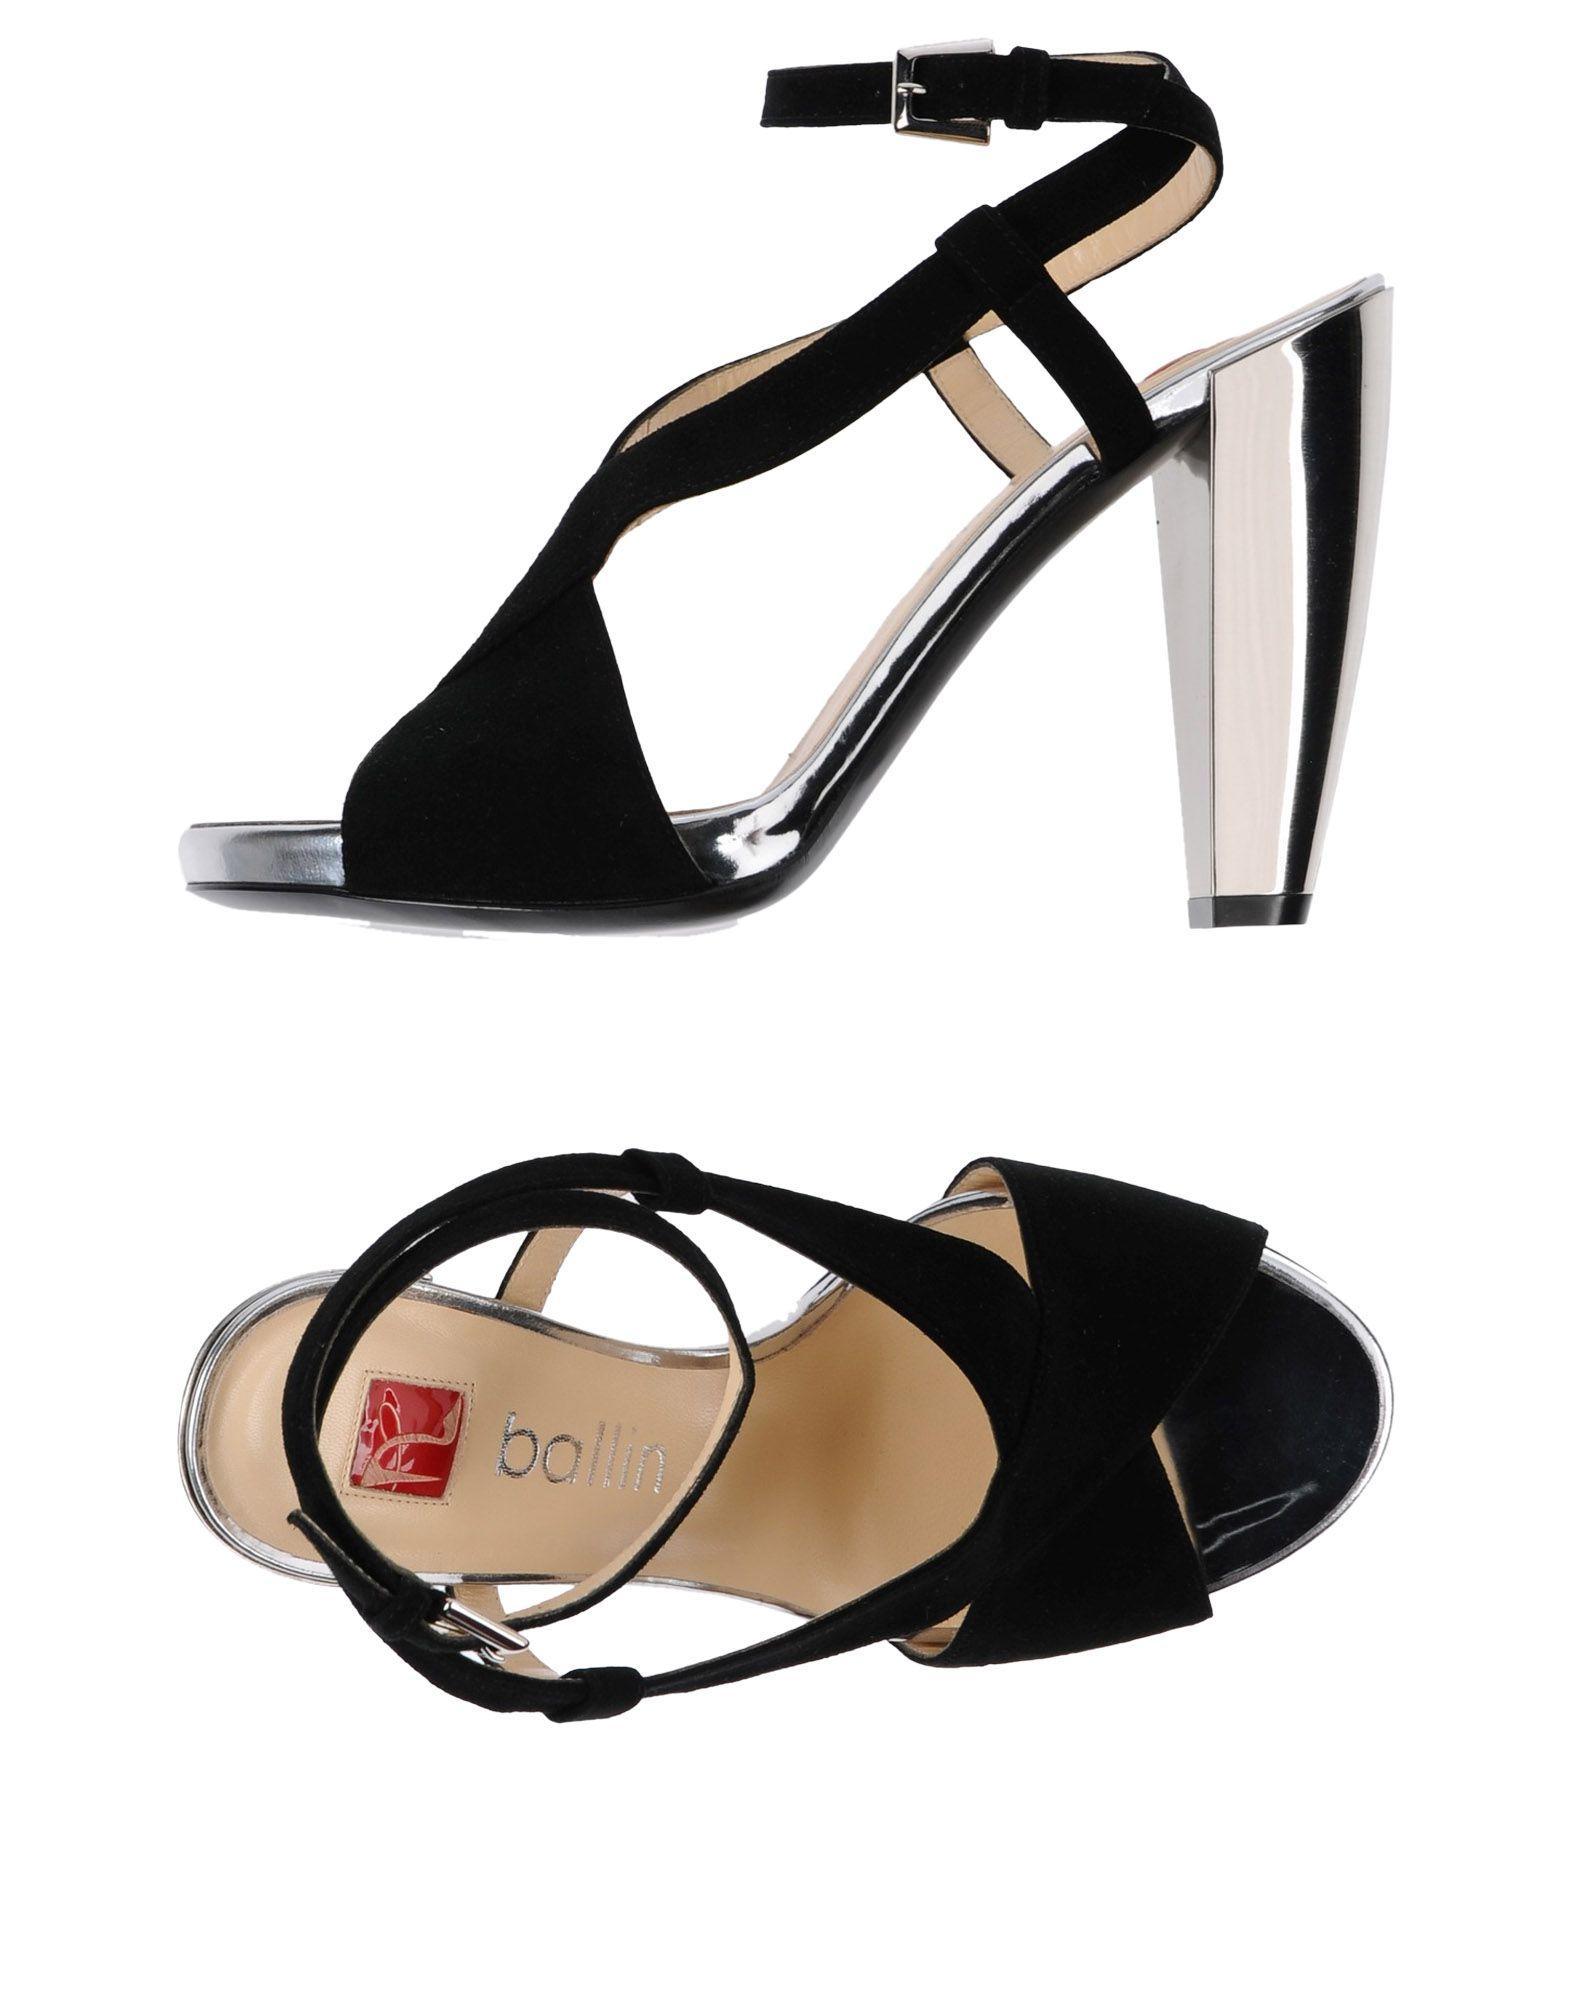 Ballin Sandals In Black